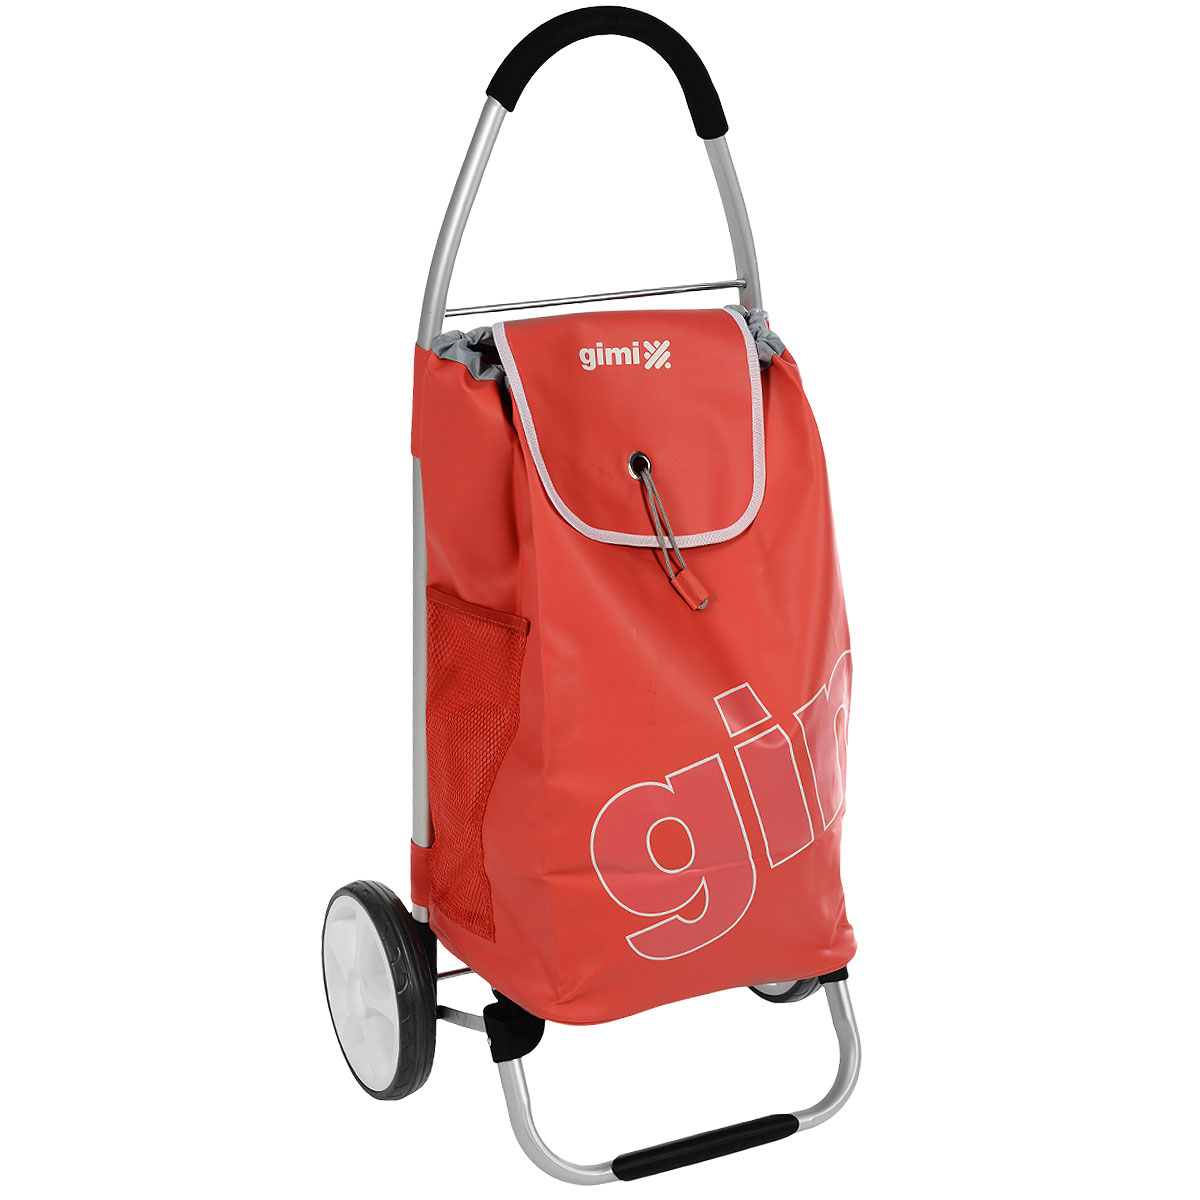 Сумка-тележка Gimi Galaxy, цвет: красный тележка для фляги в твери